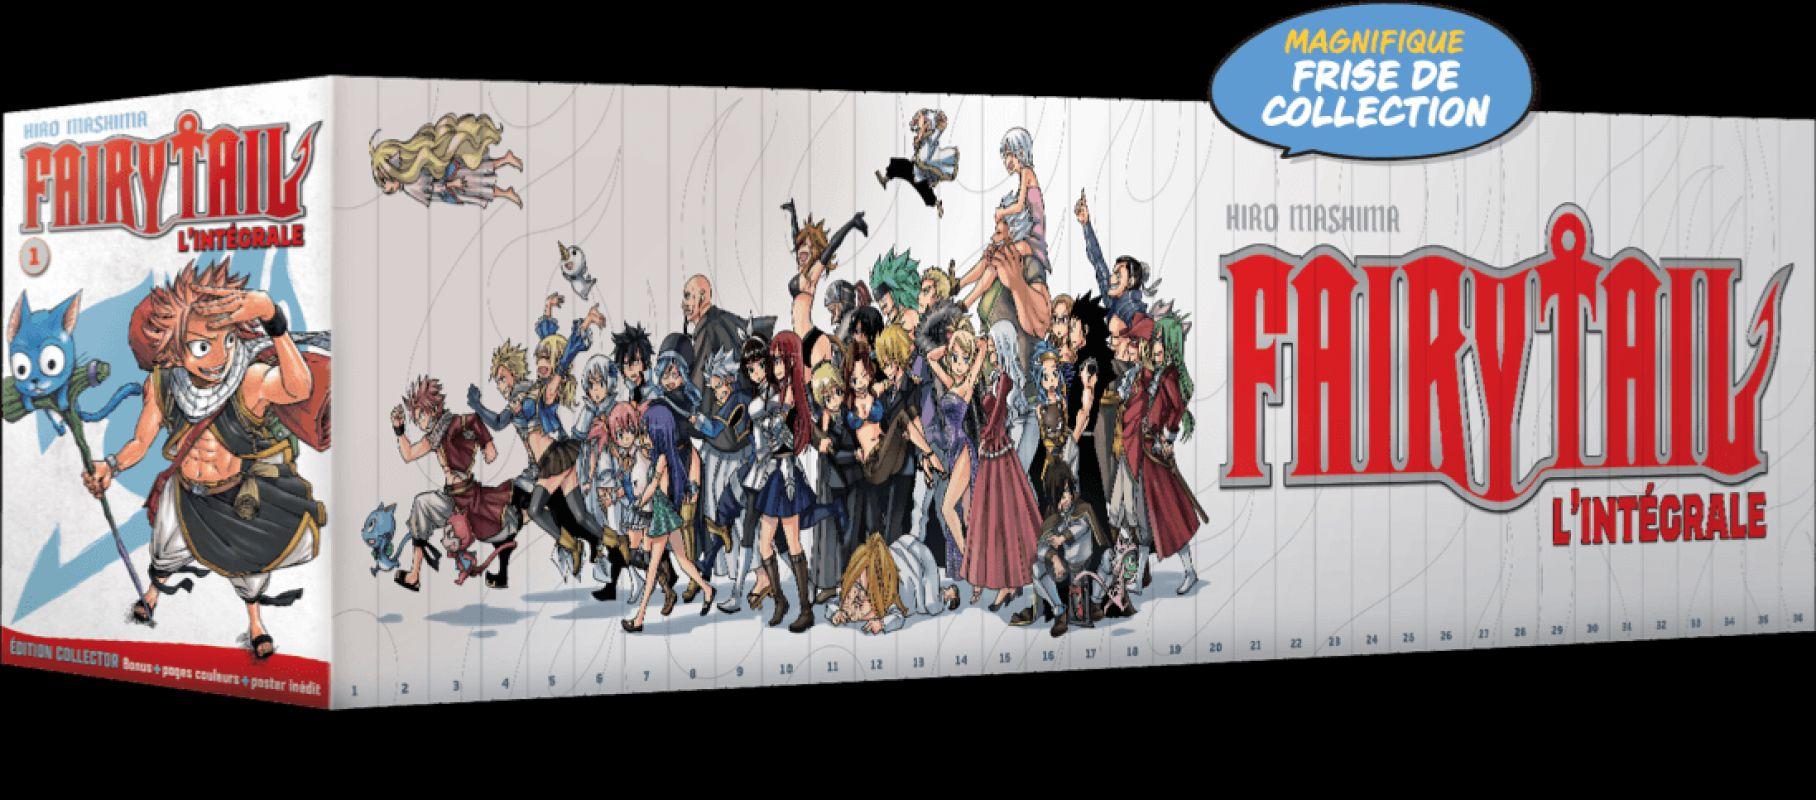 Fairy Tail revient en grand format